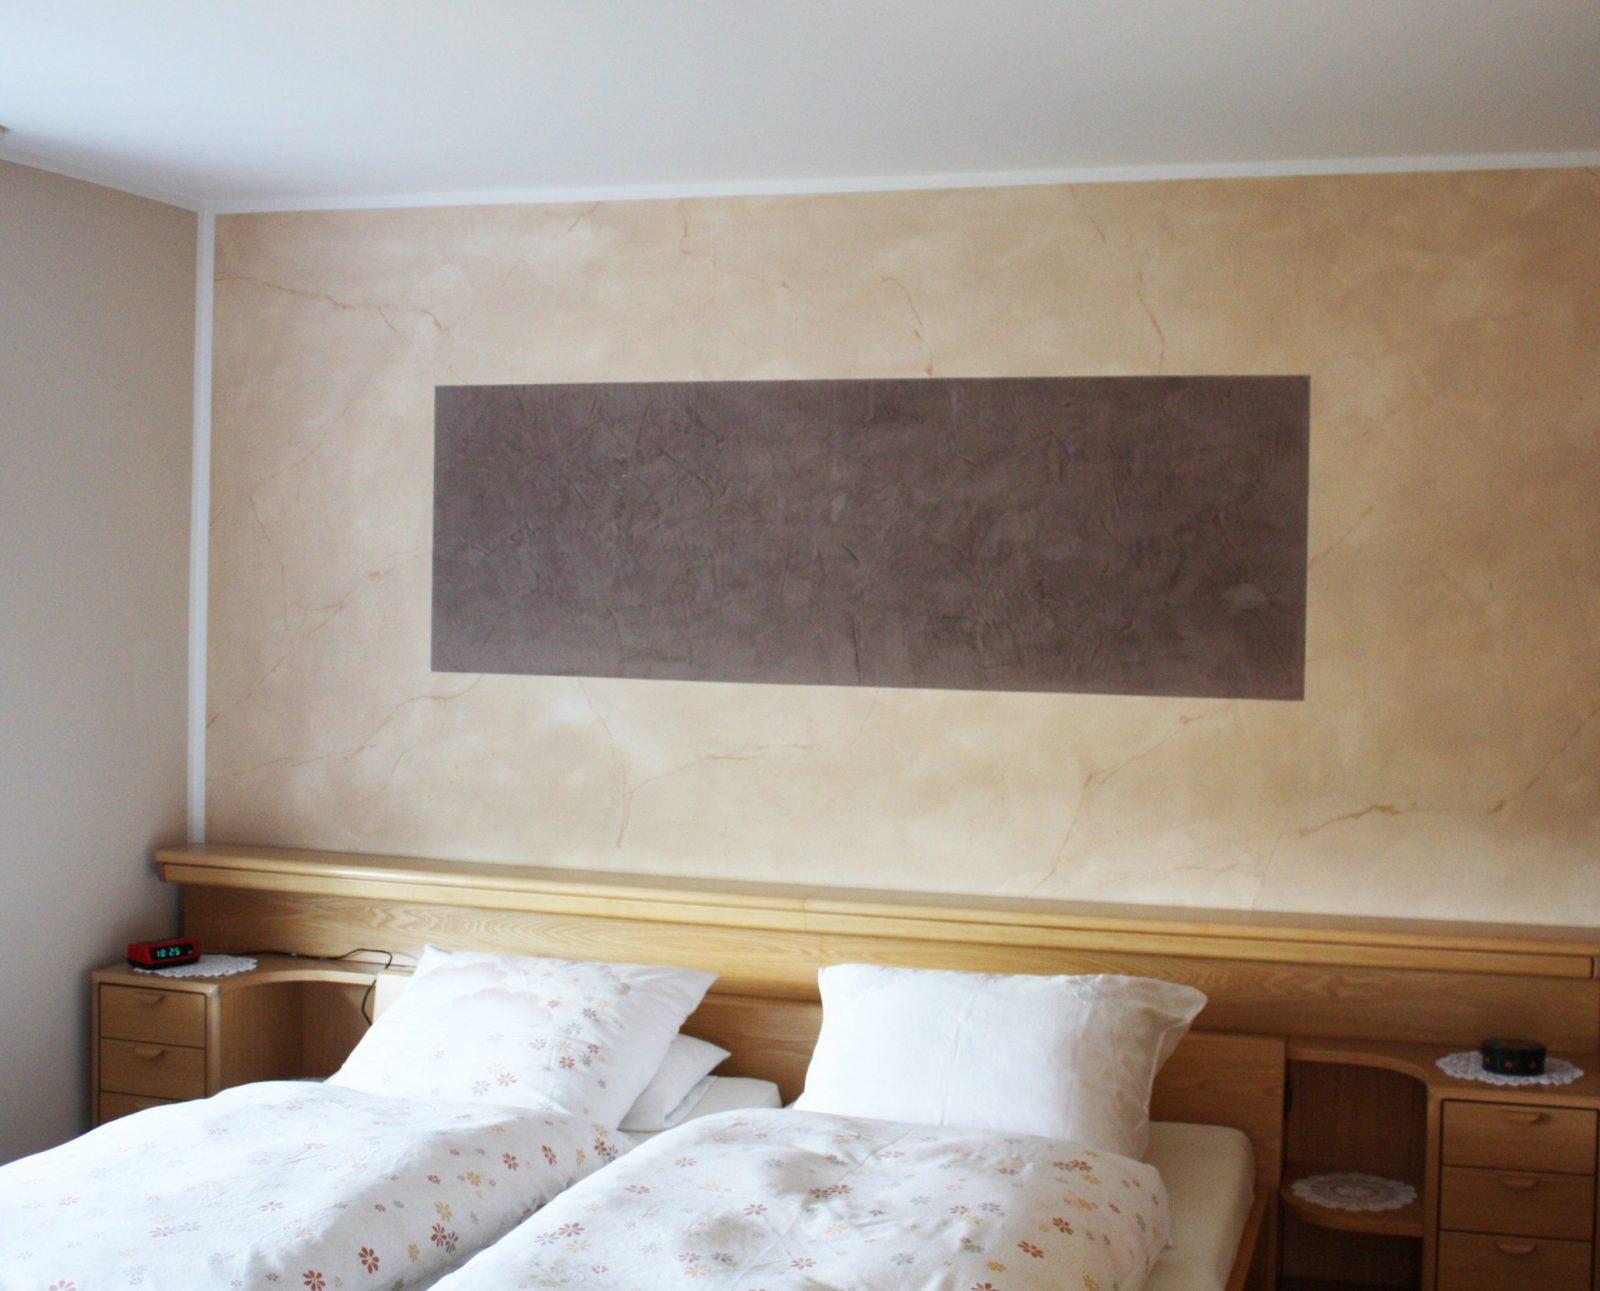 Mit Design Andere Farbe Wandgestaltung Modern On In Bezug Auf von Moderne Wandgestaltung Mit Farbe Bild